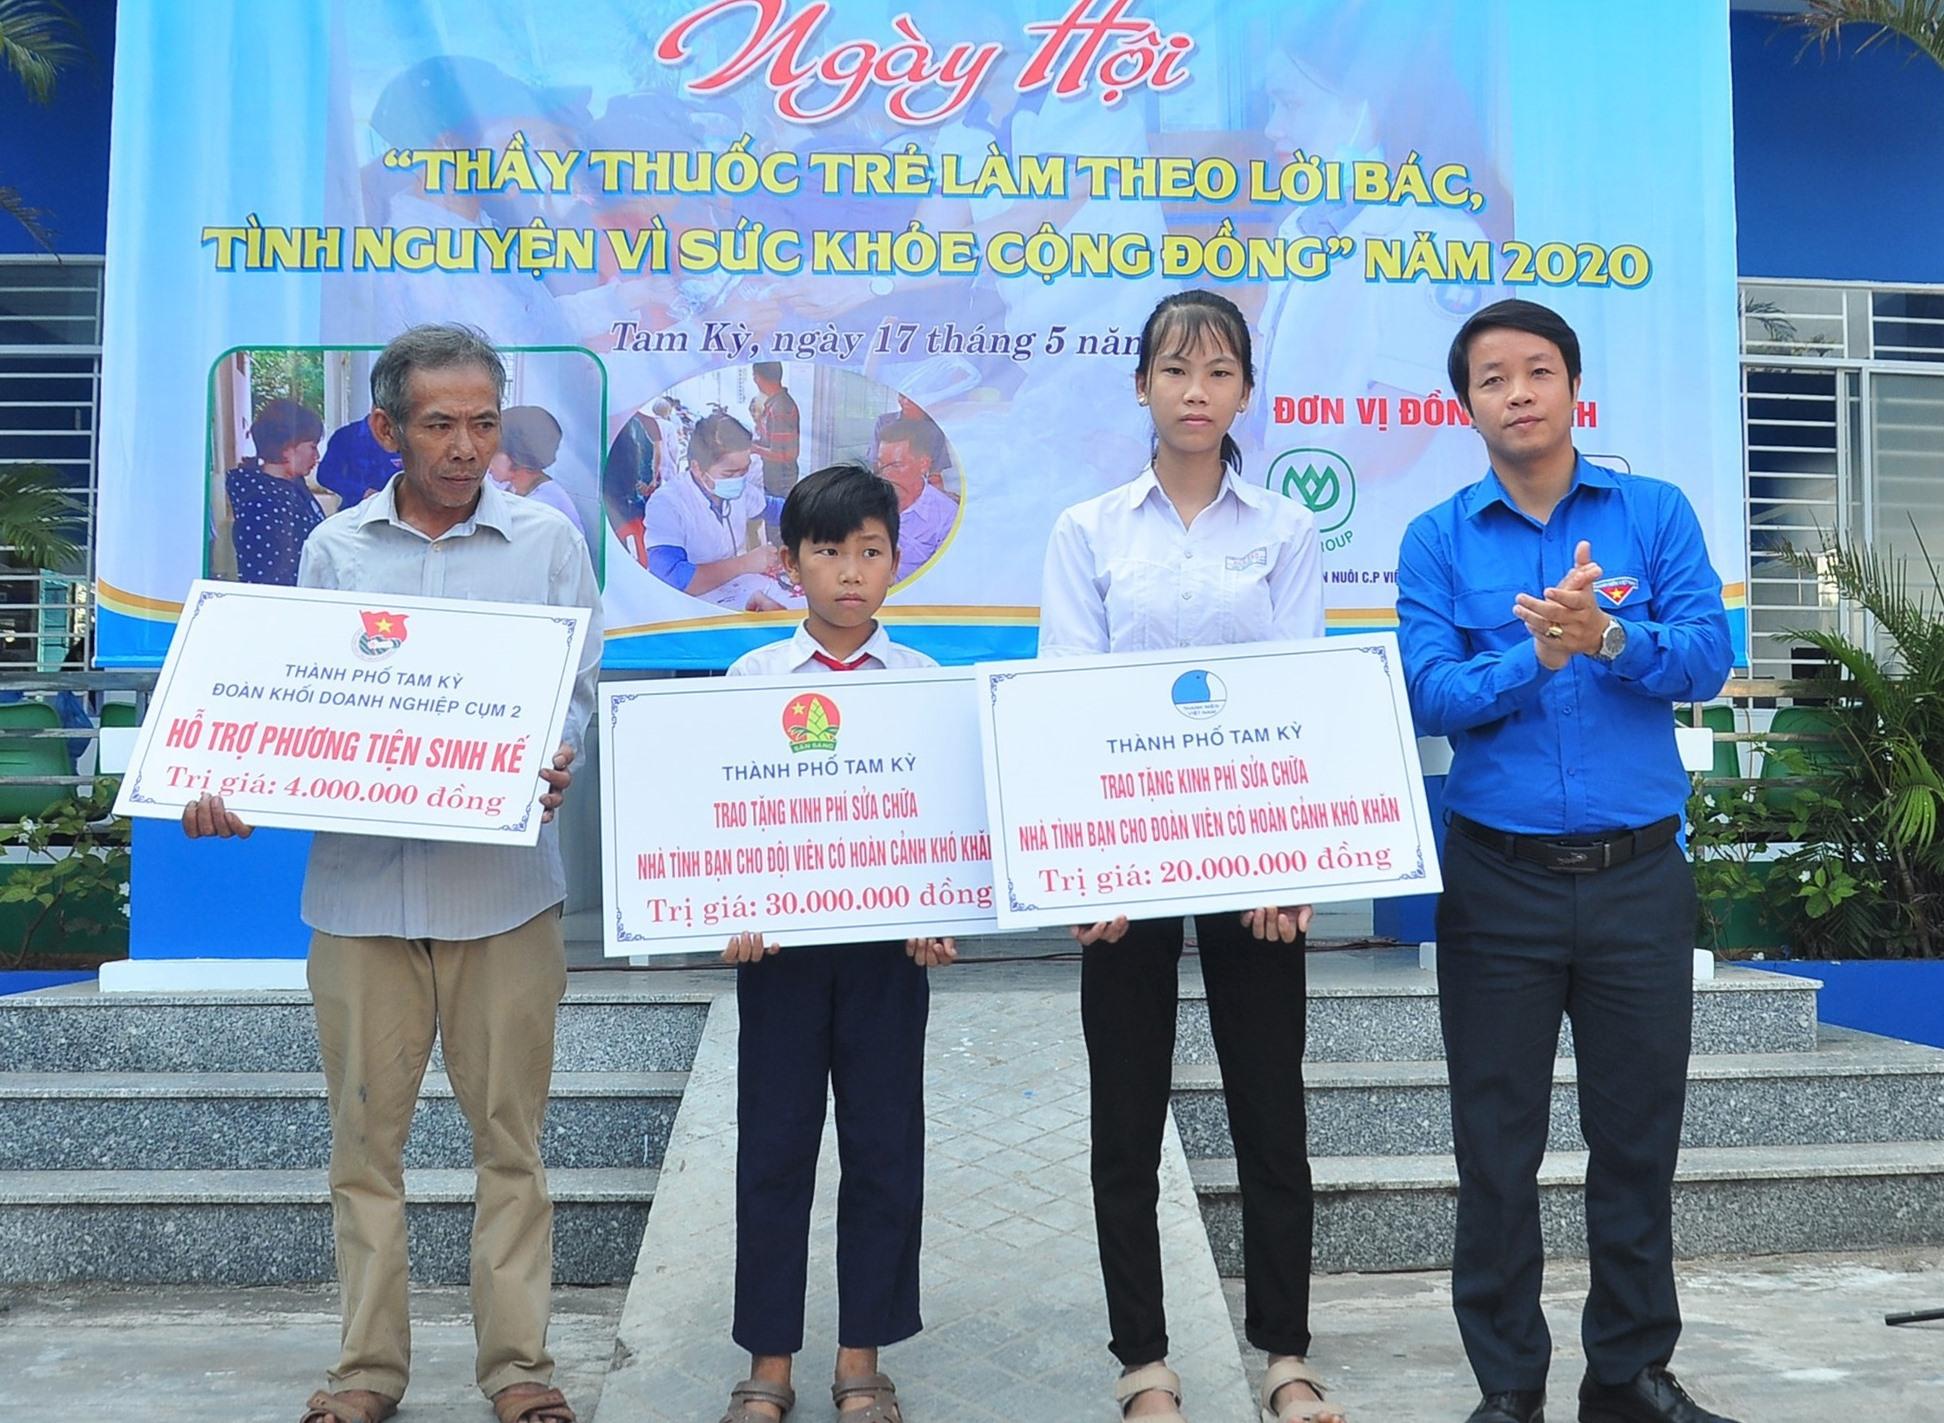 Thành đoàn, Hội LHTN Việt Nam TP.Tam Kỳ tặng sinh kế cho hộ nghèo và kinh phí sửa chữa nhà tình bạn. Ảnh: VINH ANH